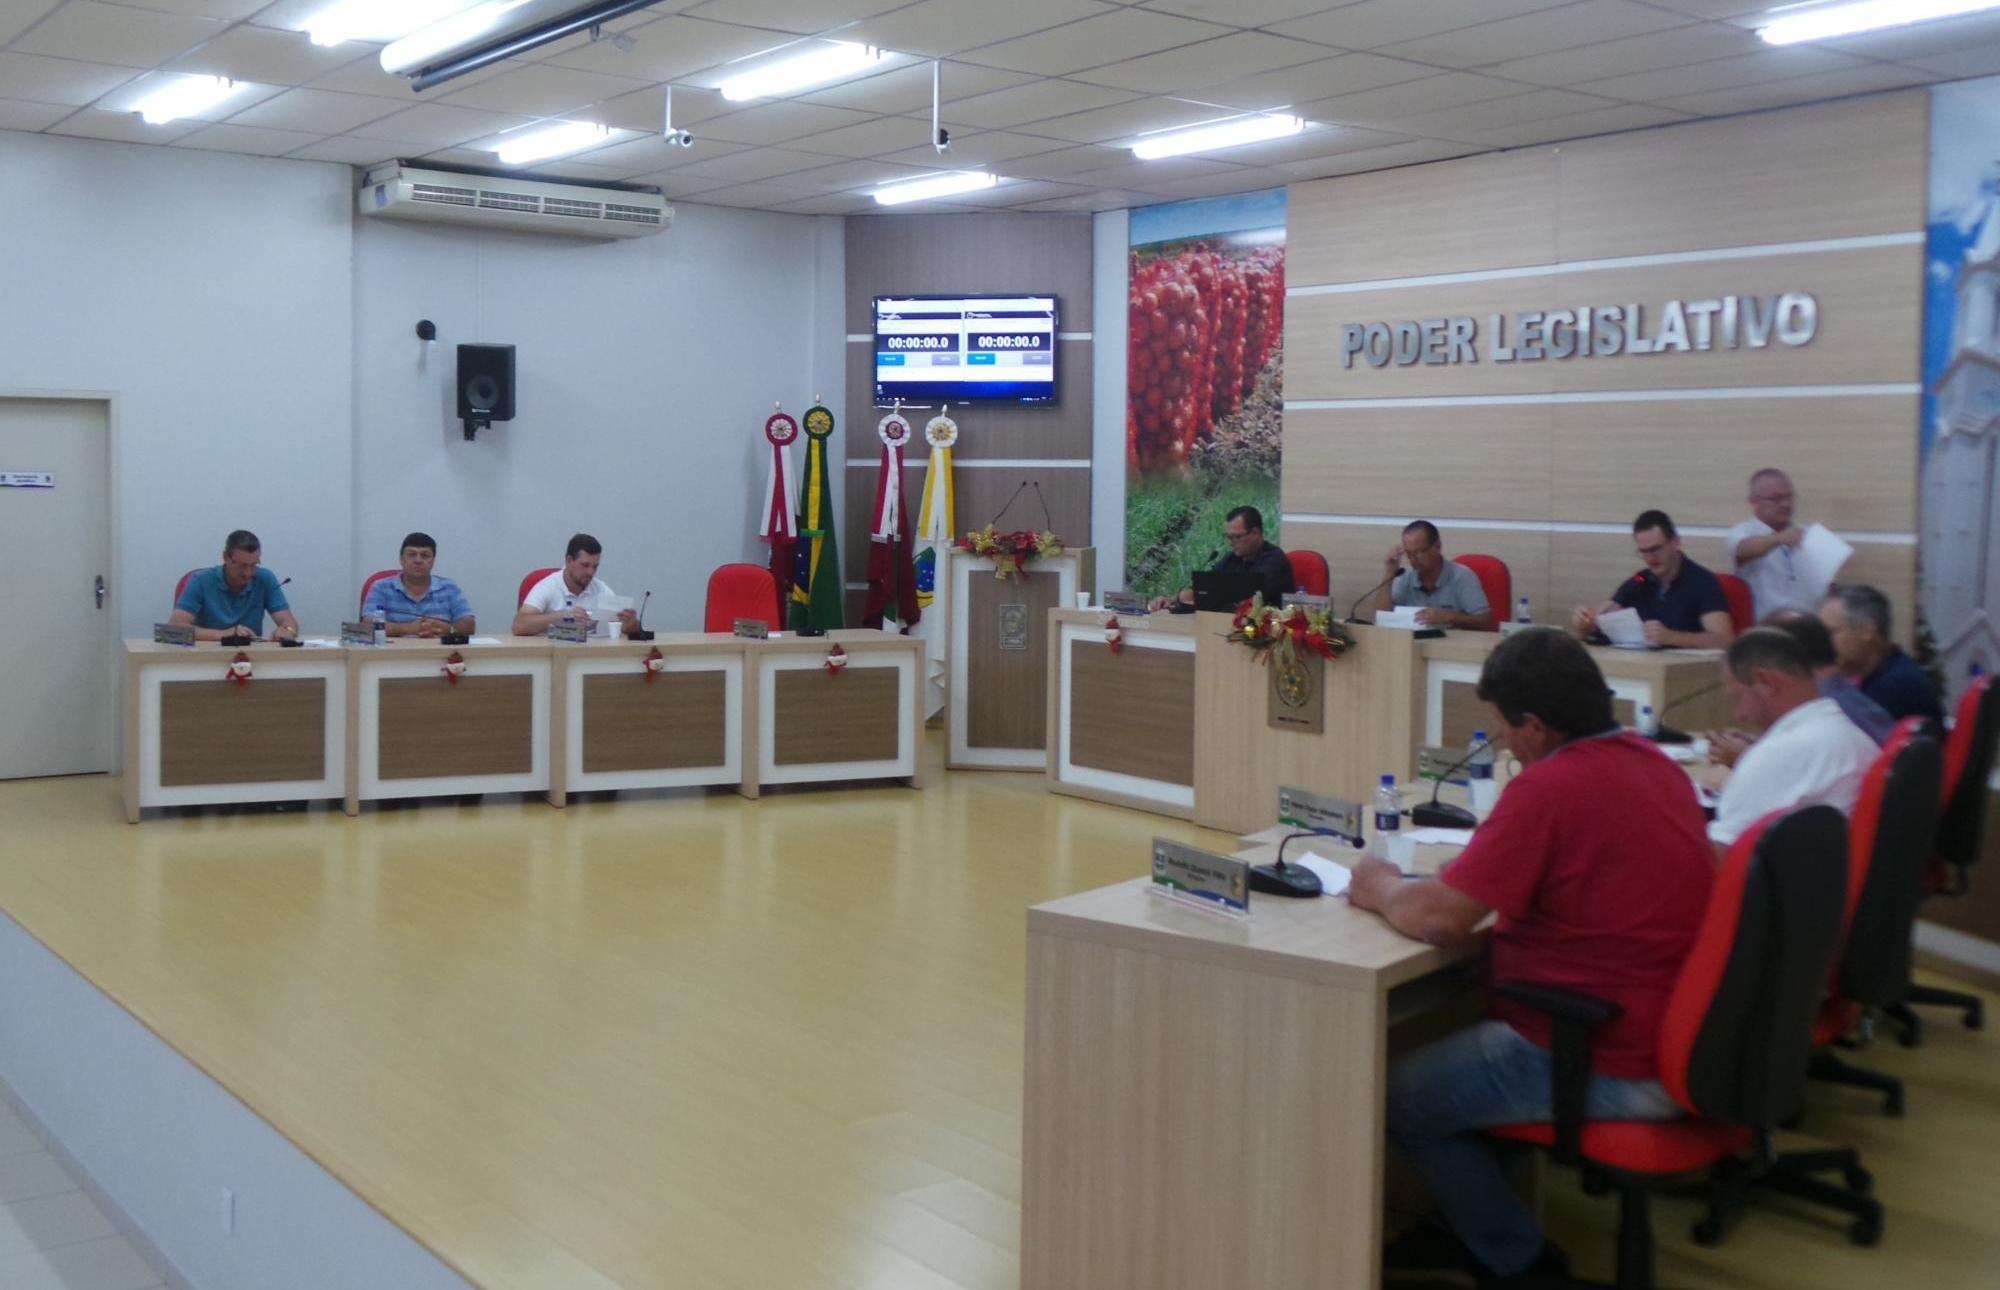 Vereador propõe criação de comissão para auxiliar moradores em assuntos relativos à cobrança da taxa de tratamento de esgoto em Ituporanga